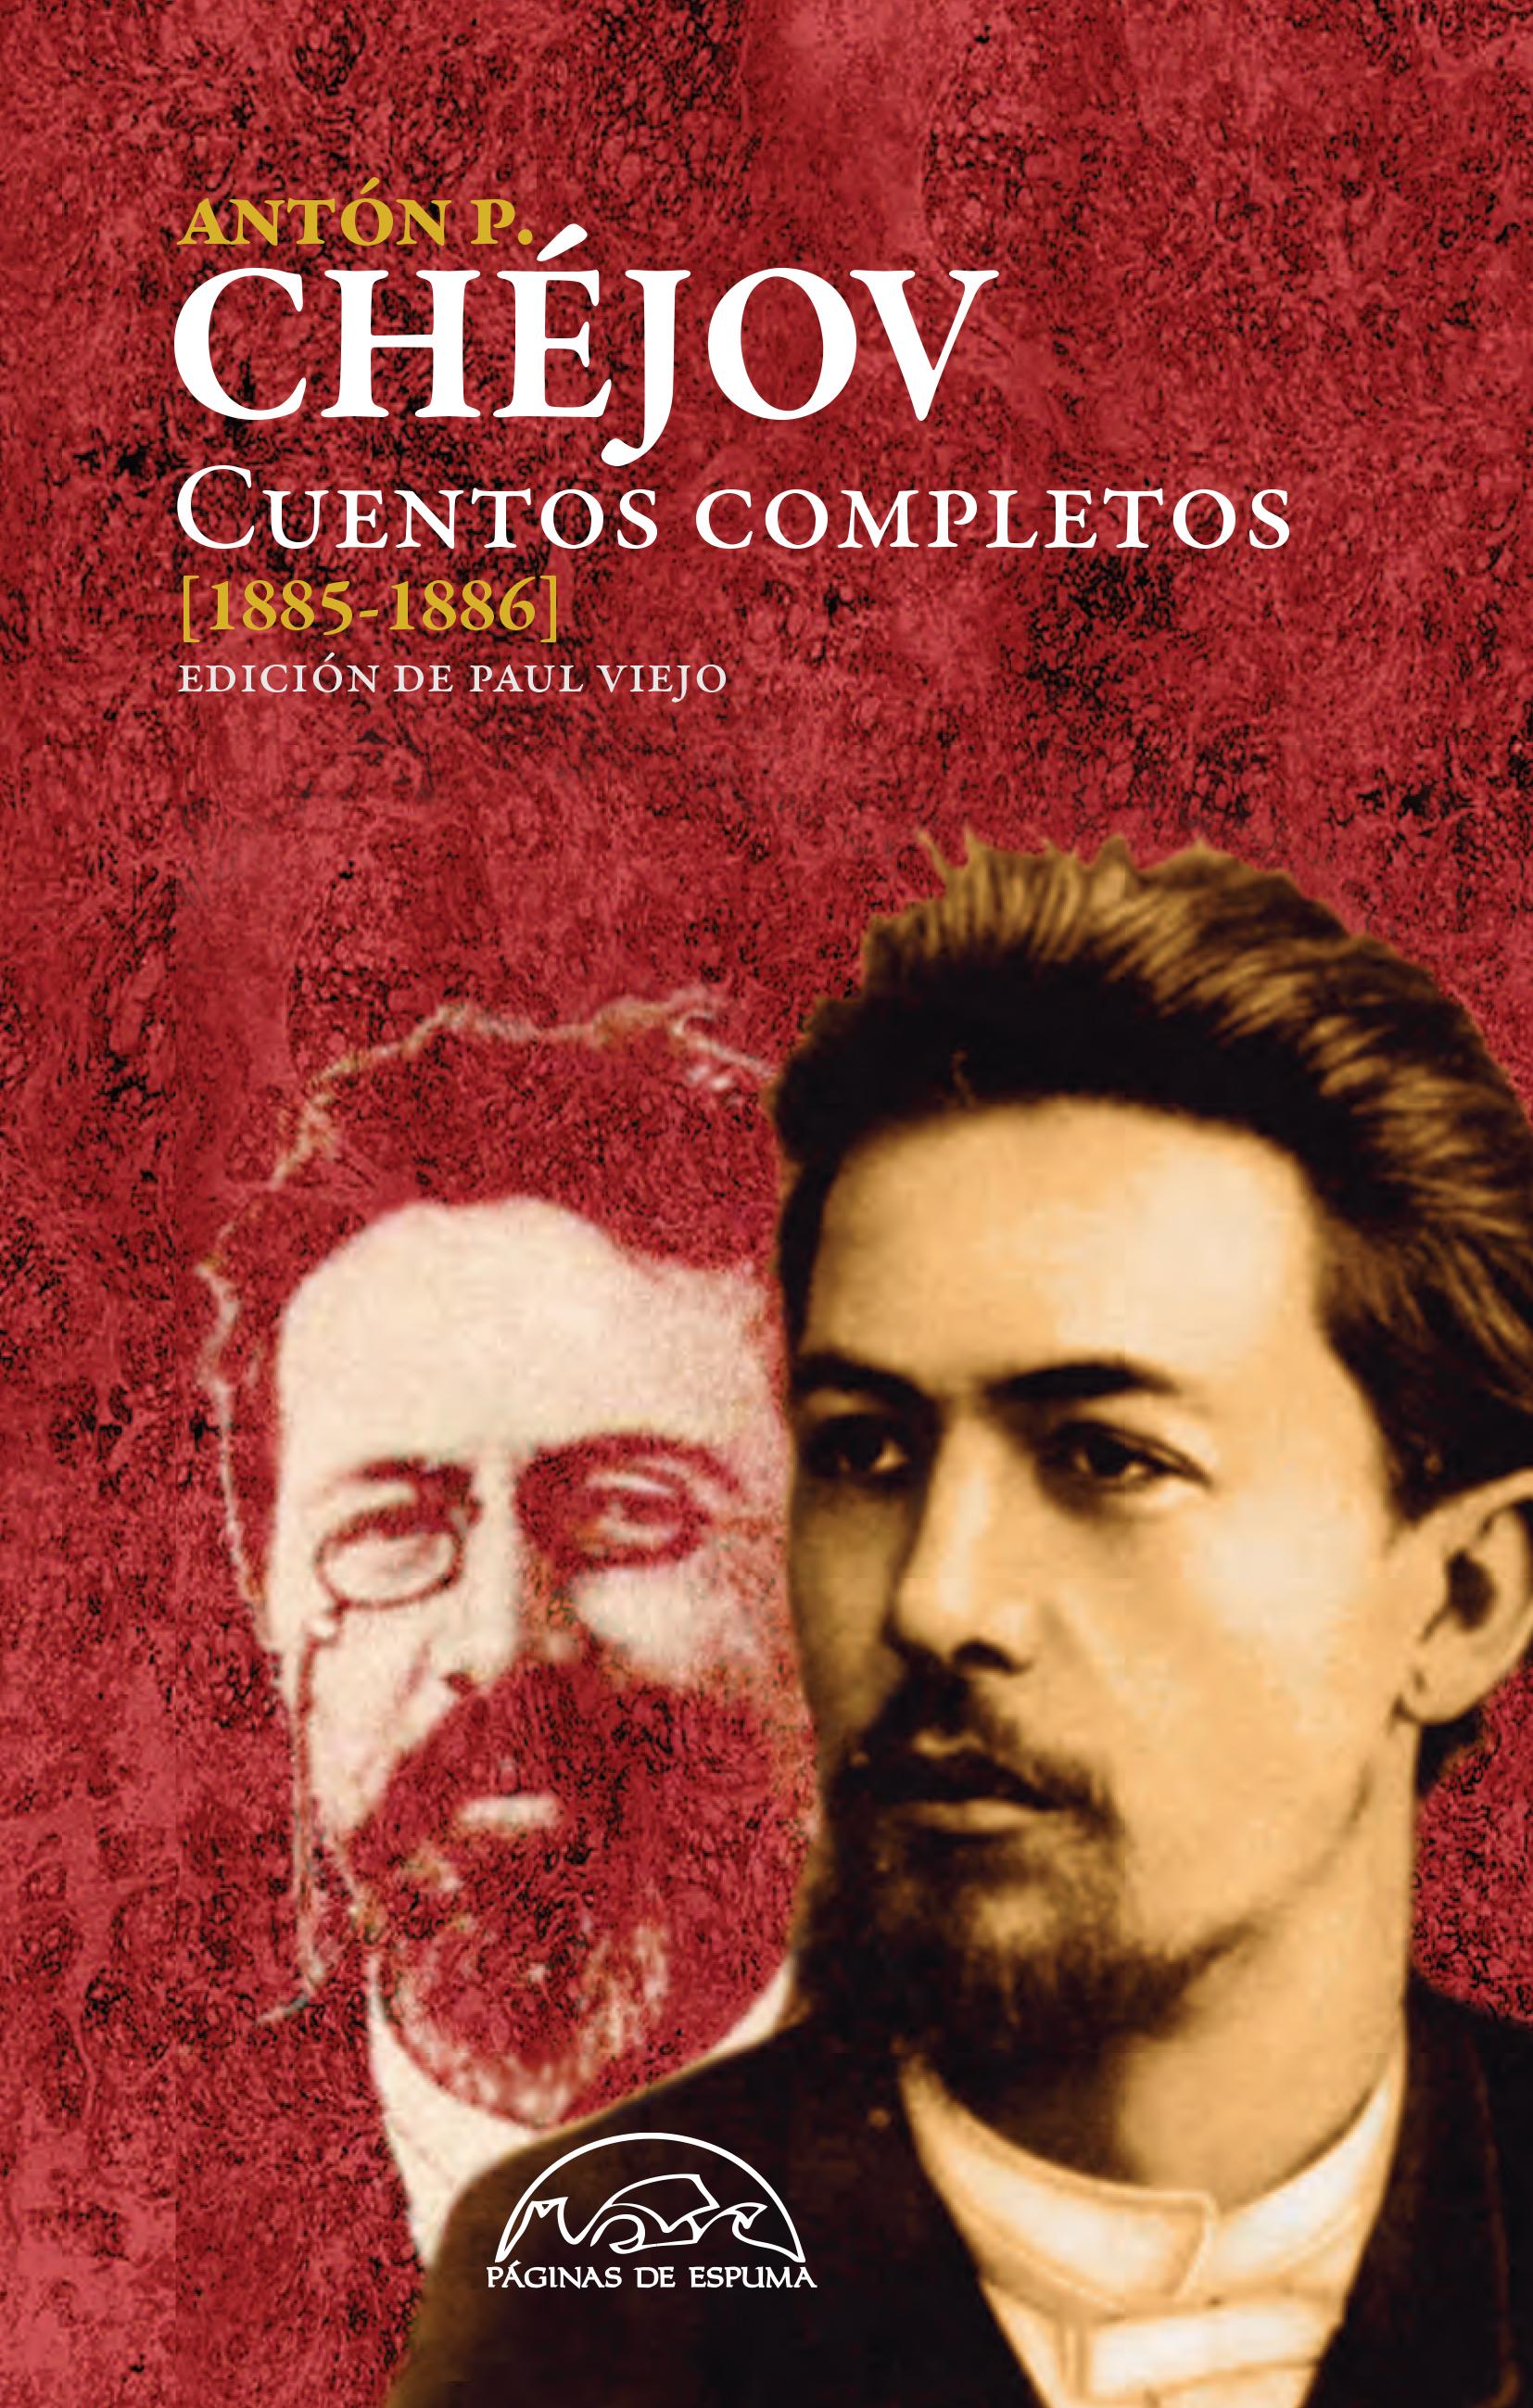 Chejov es el padre del cuento moderno. -